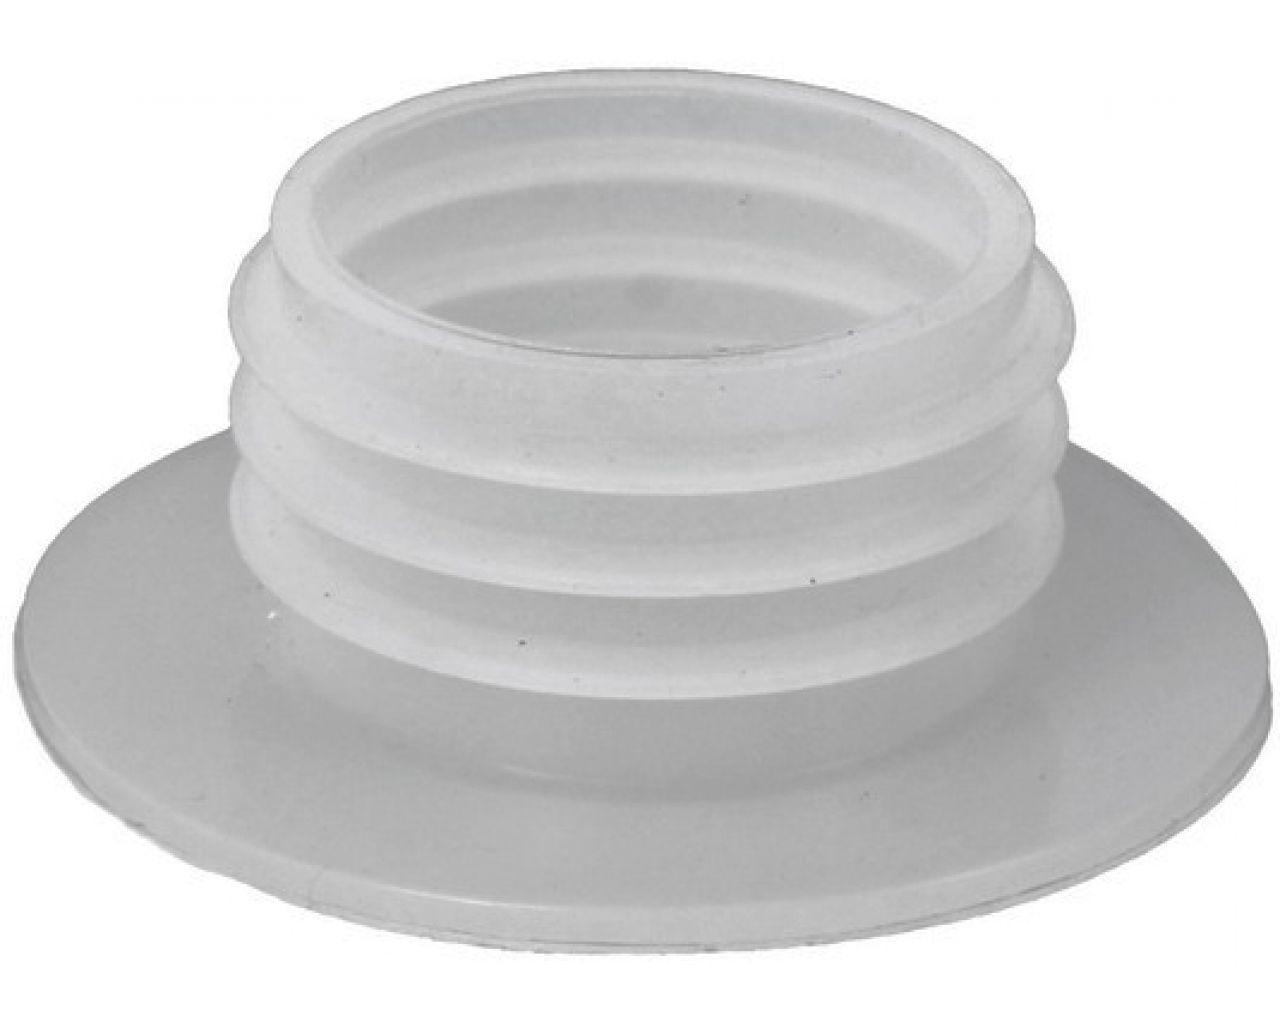 Уплотнитель для колбы кальяна (средняя)